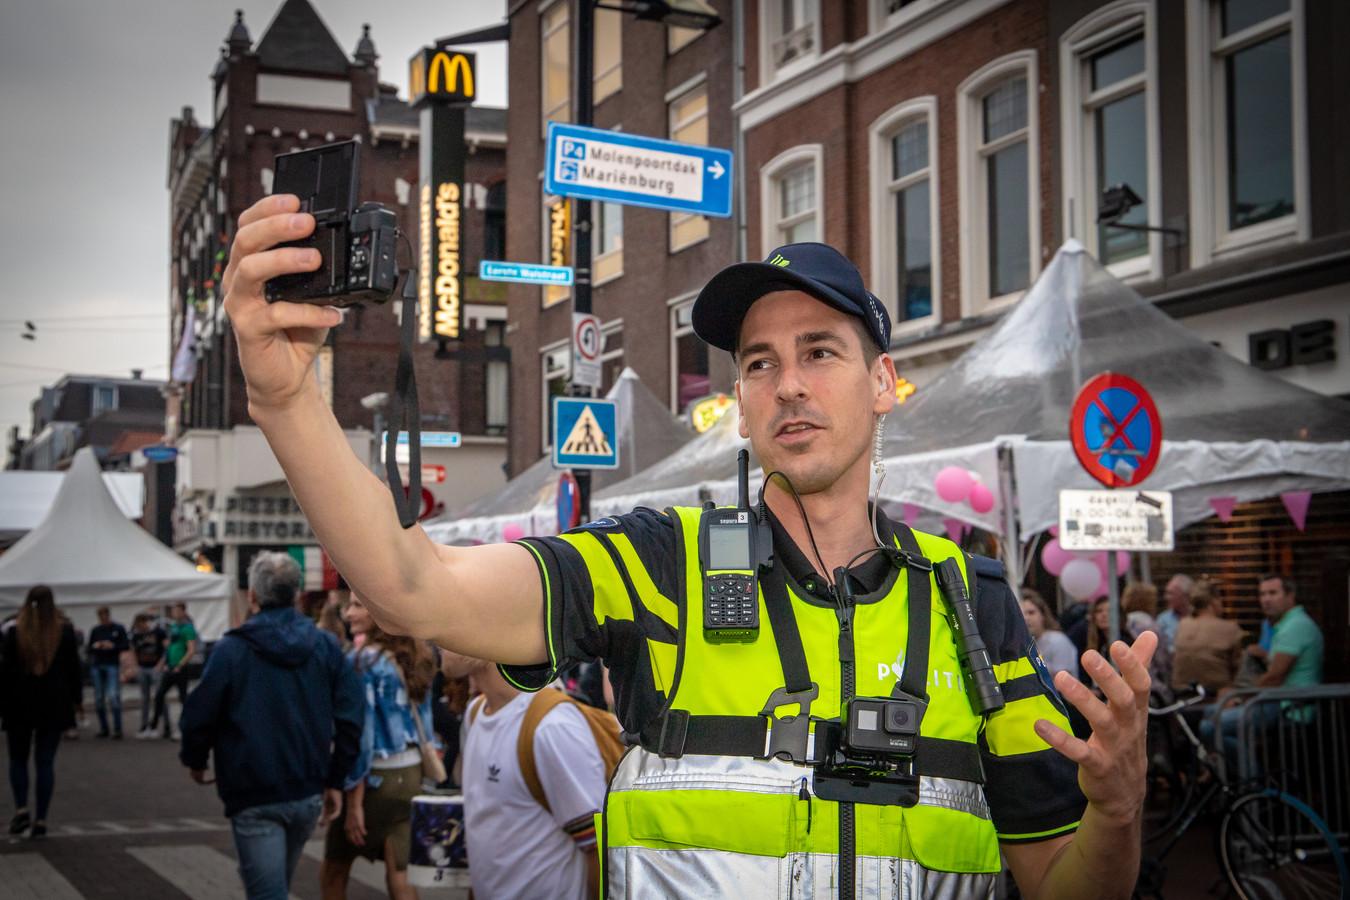 Politievlogger Jan Willem